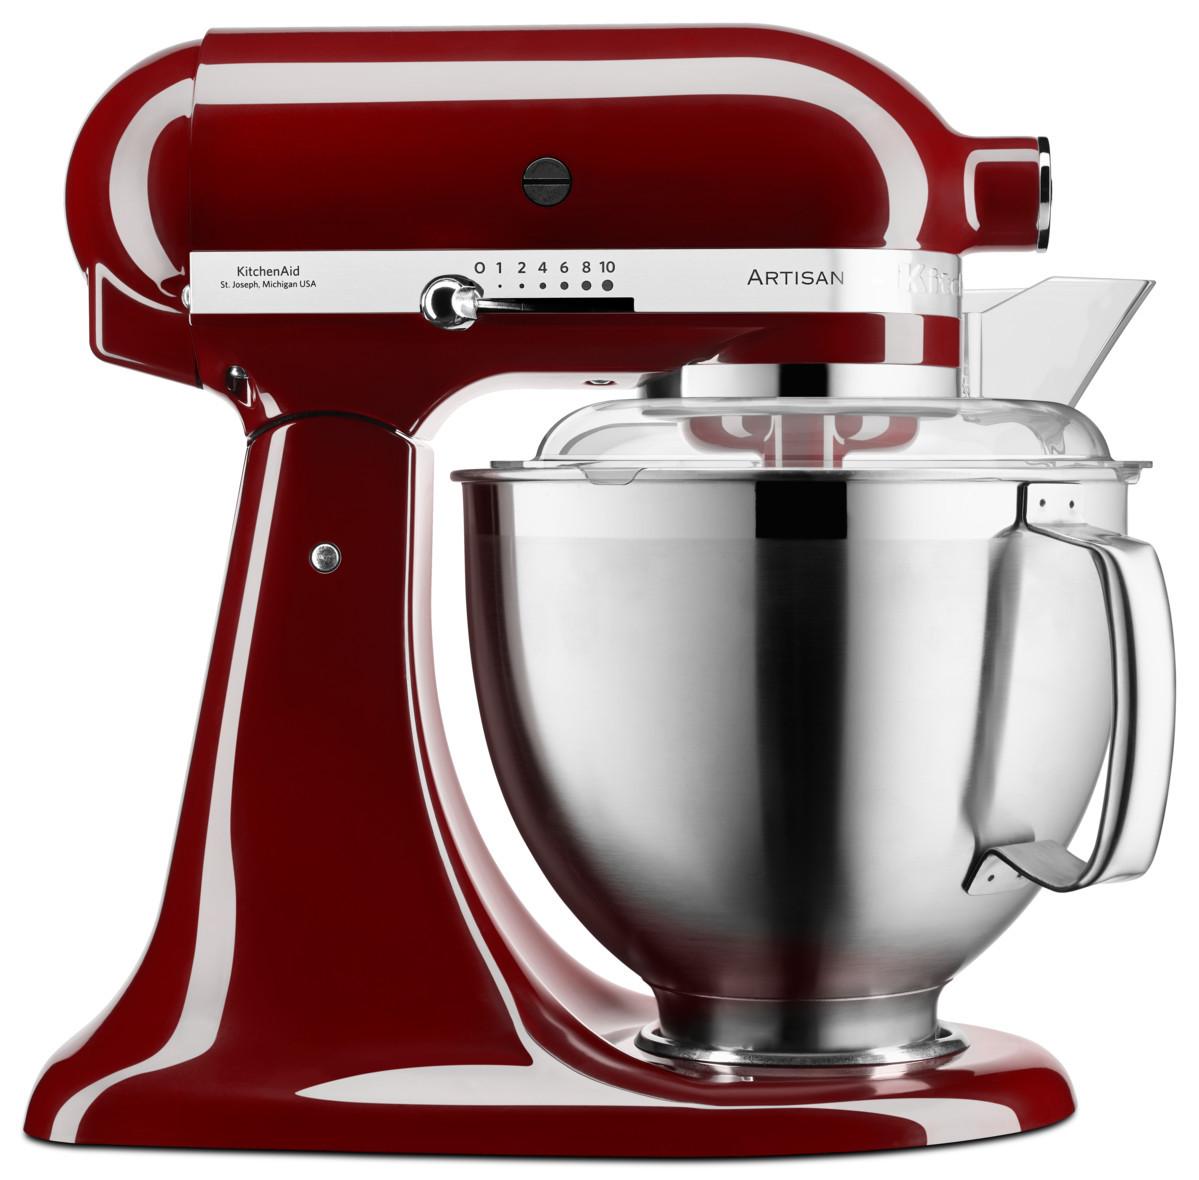 KitchenAid Küchenmaschine 5KSM185 Foodprocessor Set purpur